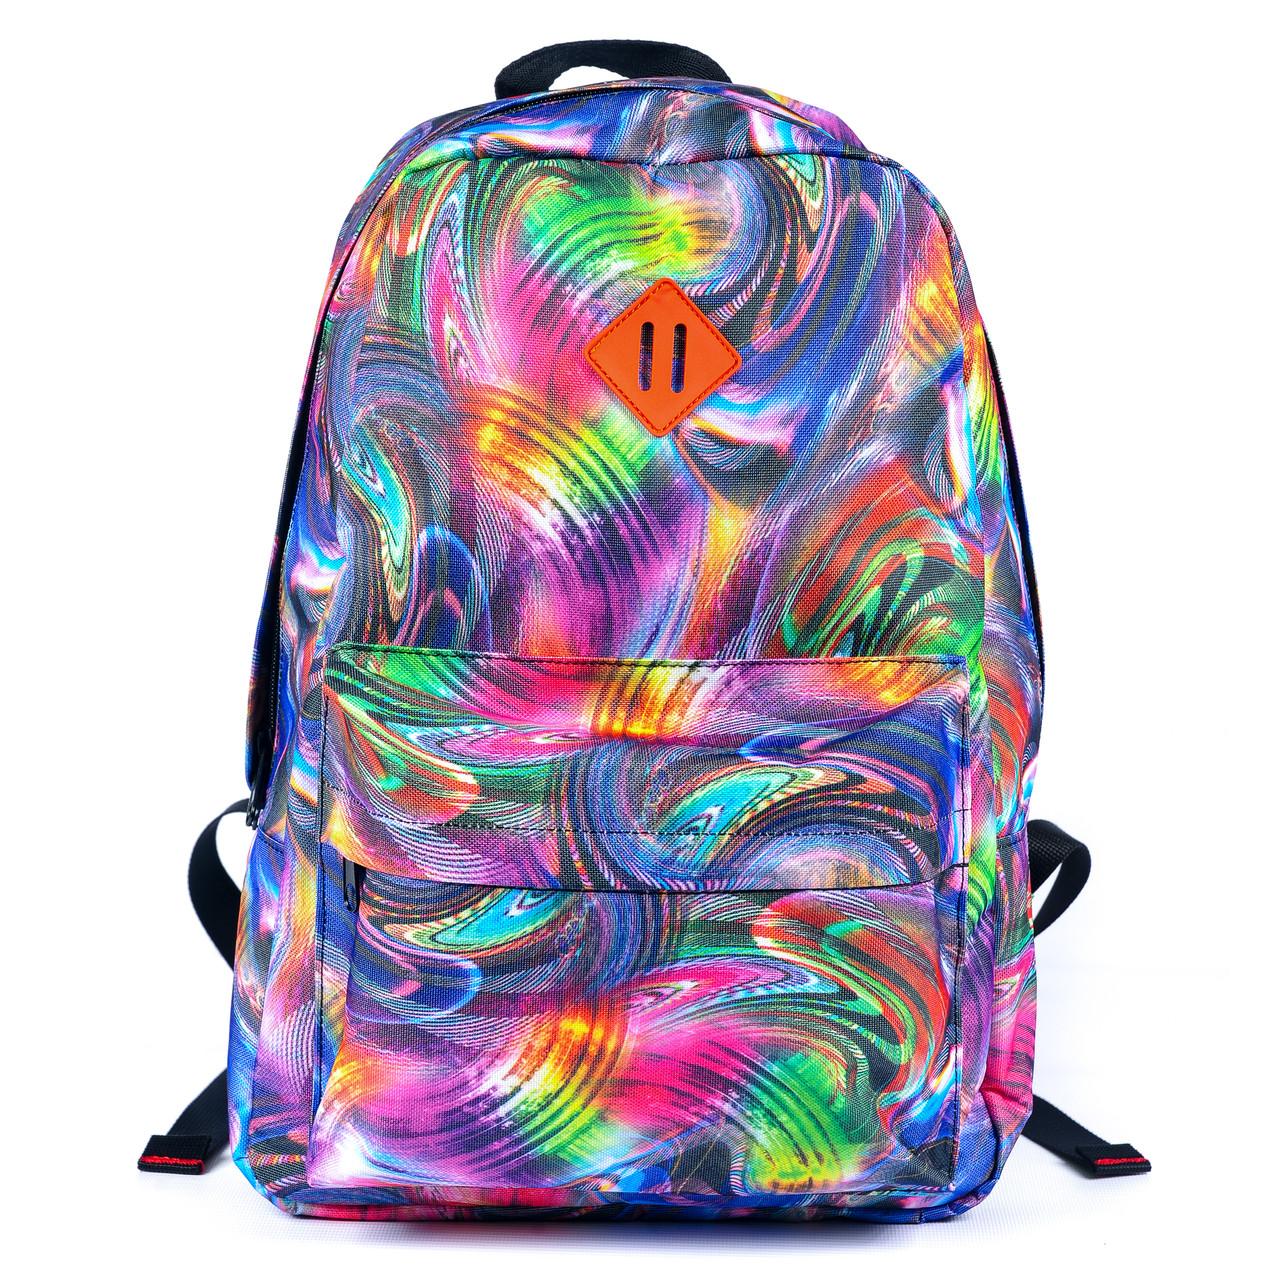 Рюкзак Mayers молодежный с принтом Разноцветные разводы, 14 л, фото 7